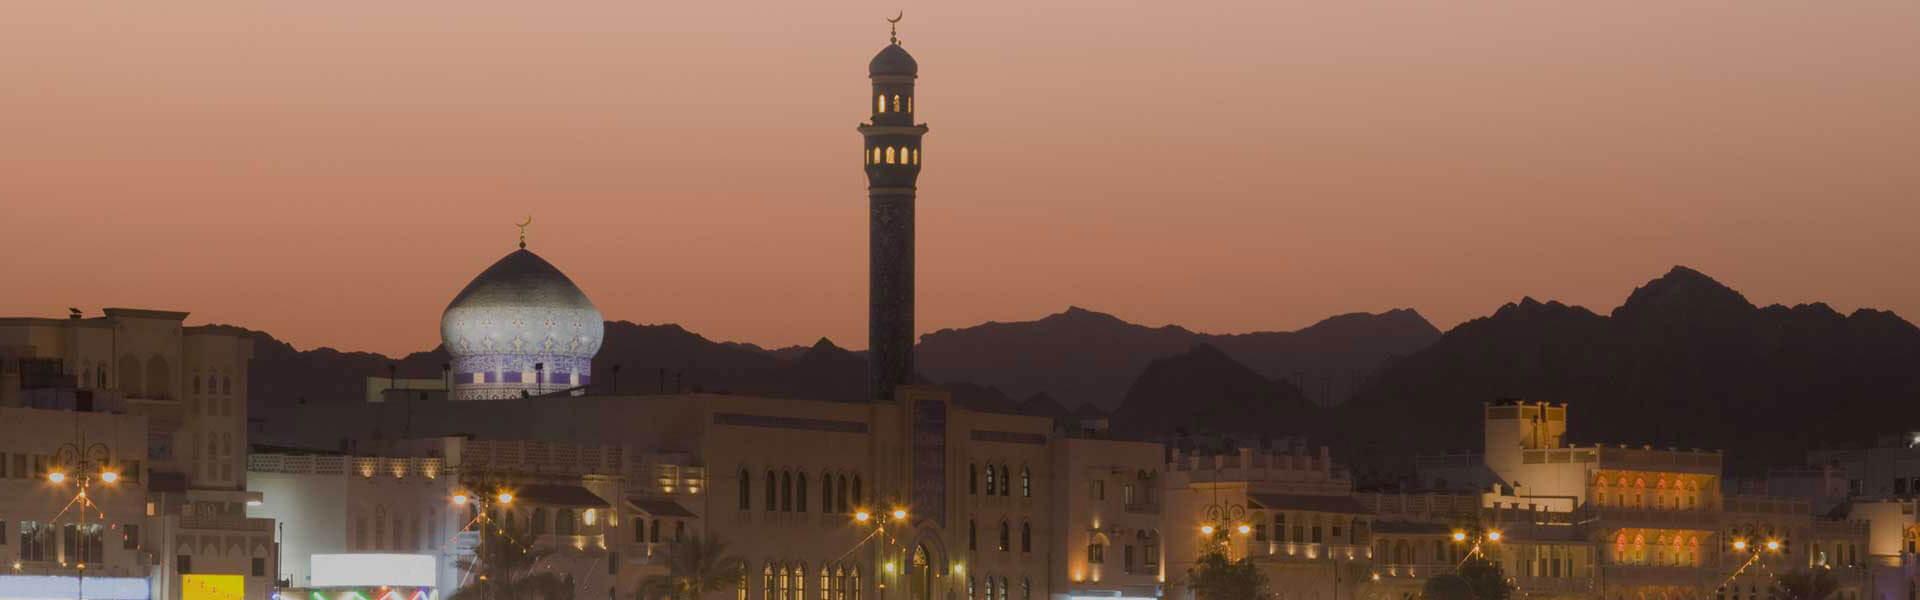 Skyline in Muscat